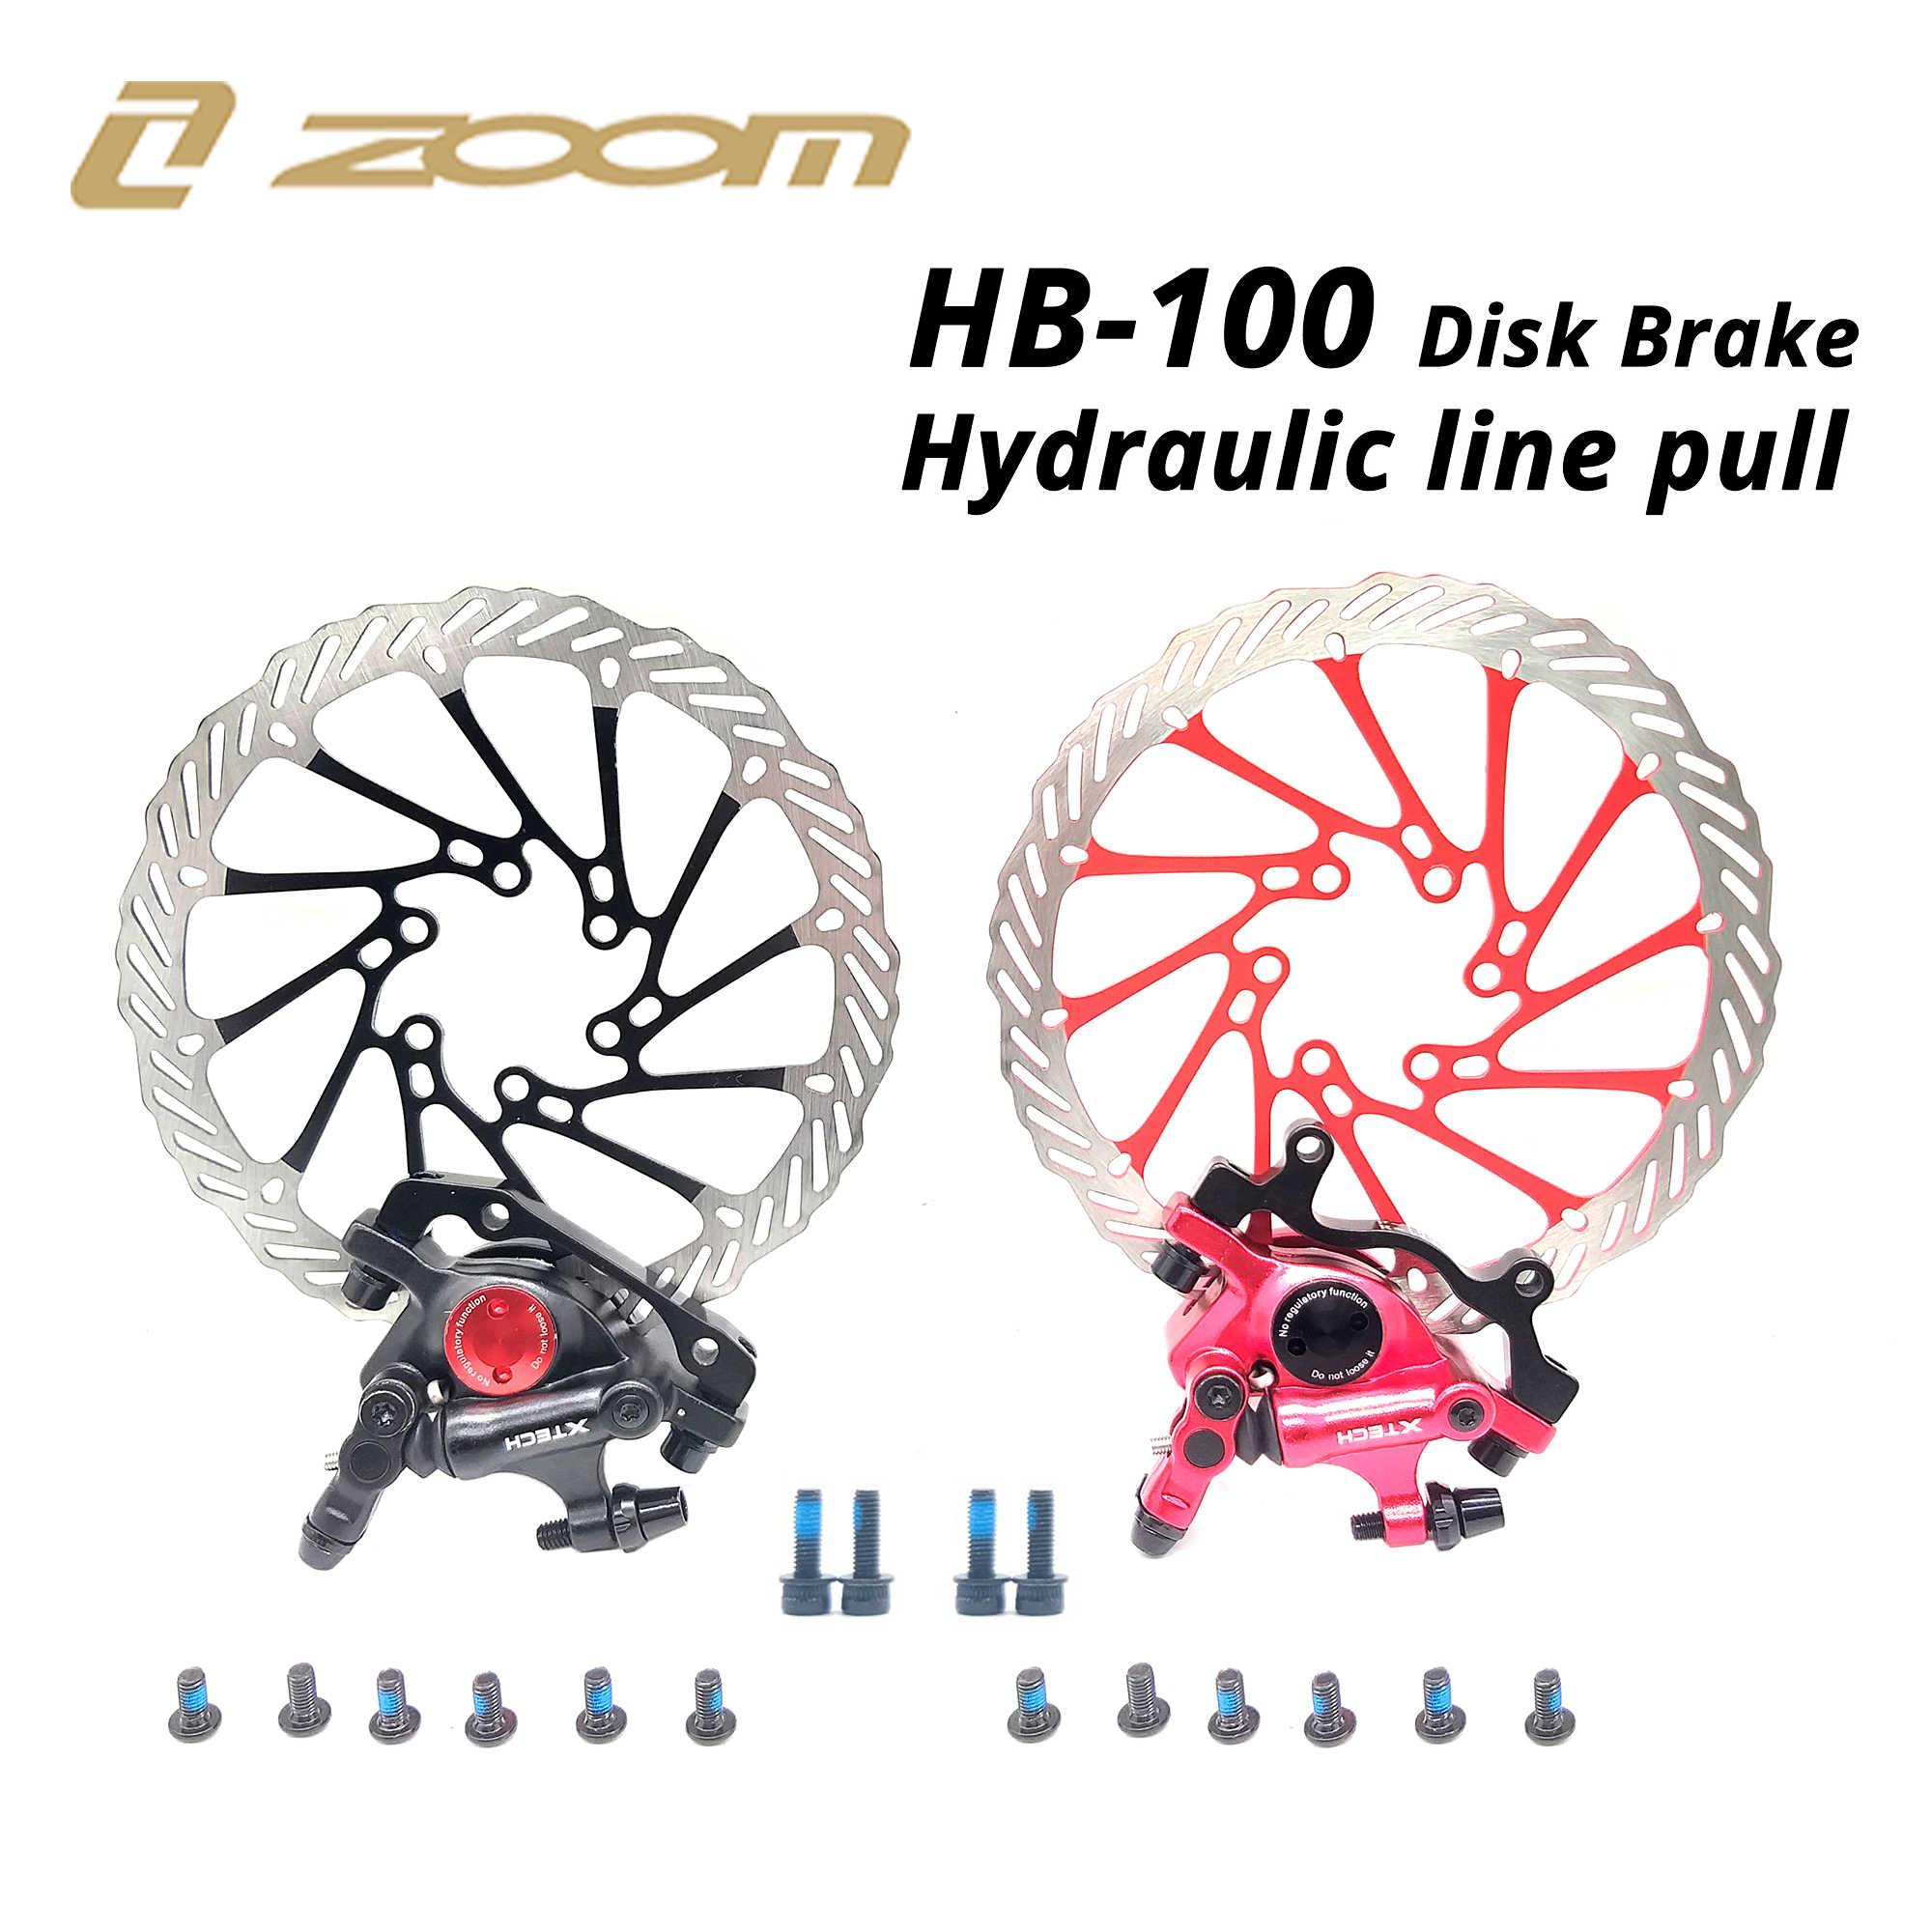 ズーム XTECH HB100 油圧ディスクブレーキシリンダーと HS1 G3 ローターと互換性 M375 TX805 MT200 M315 M365 m395 M447